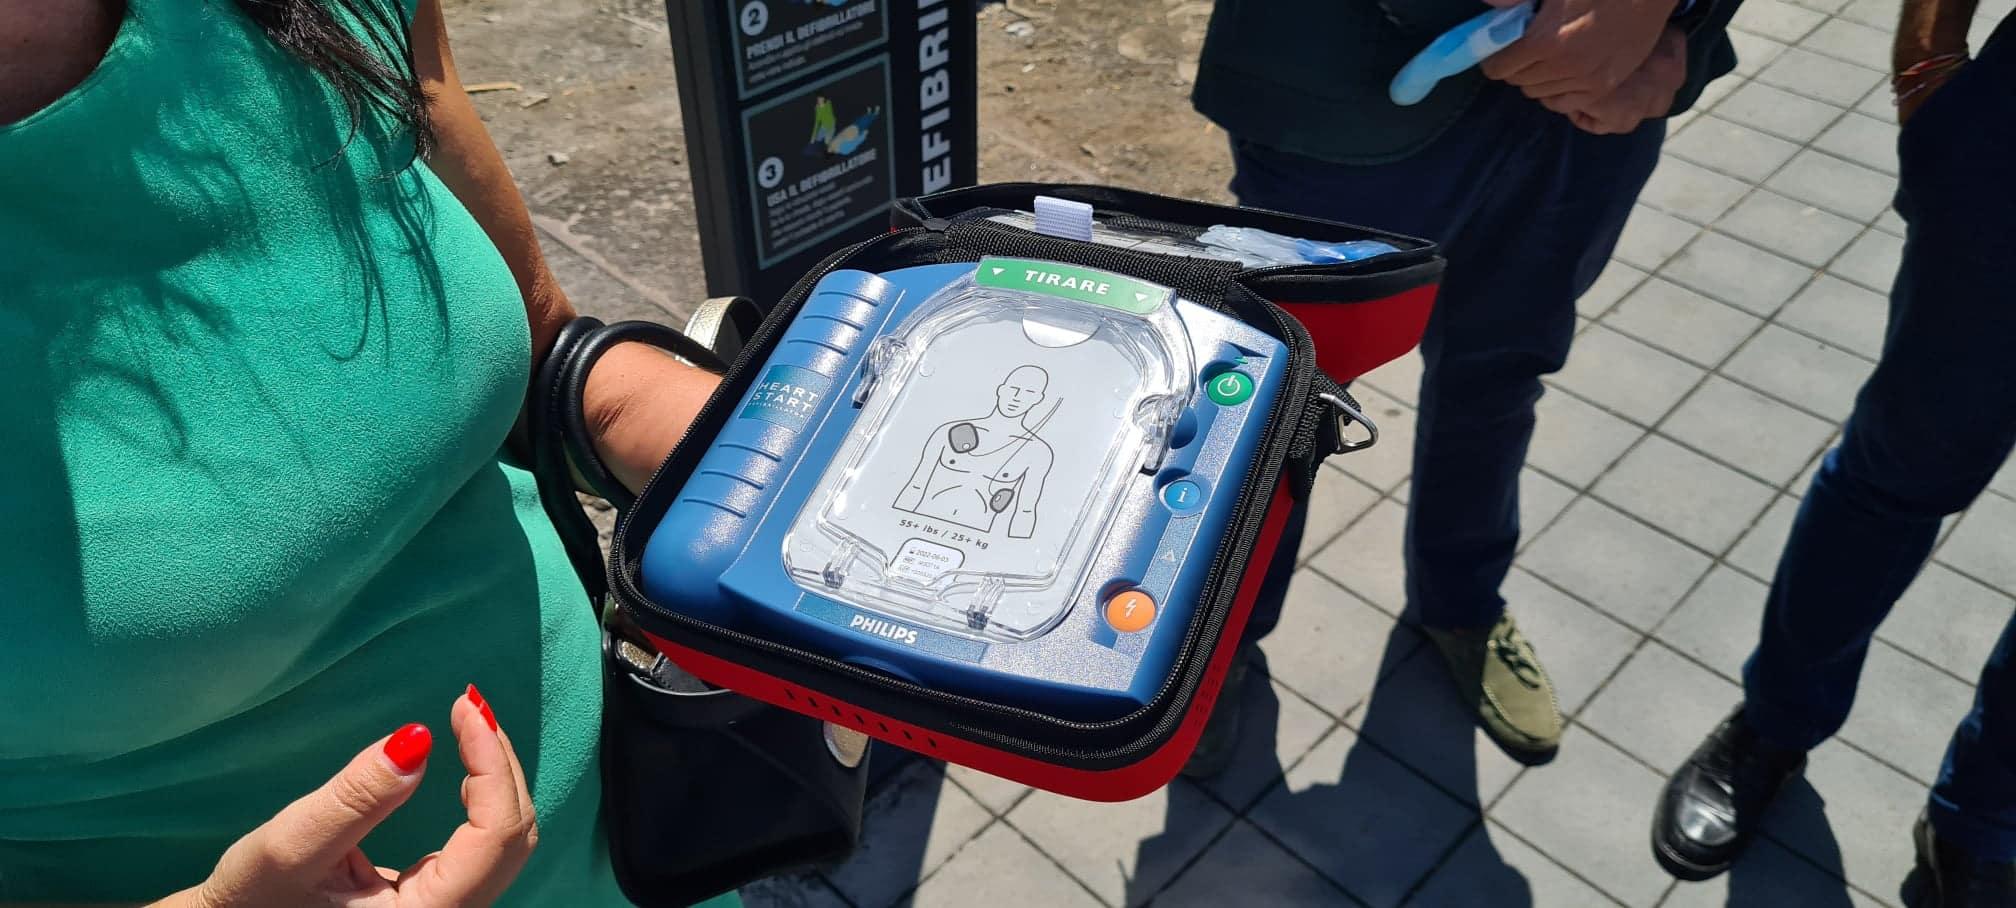 Catania, in piazza Europa rubato il defibrillatore donato appena 5 giorni fa